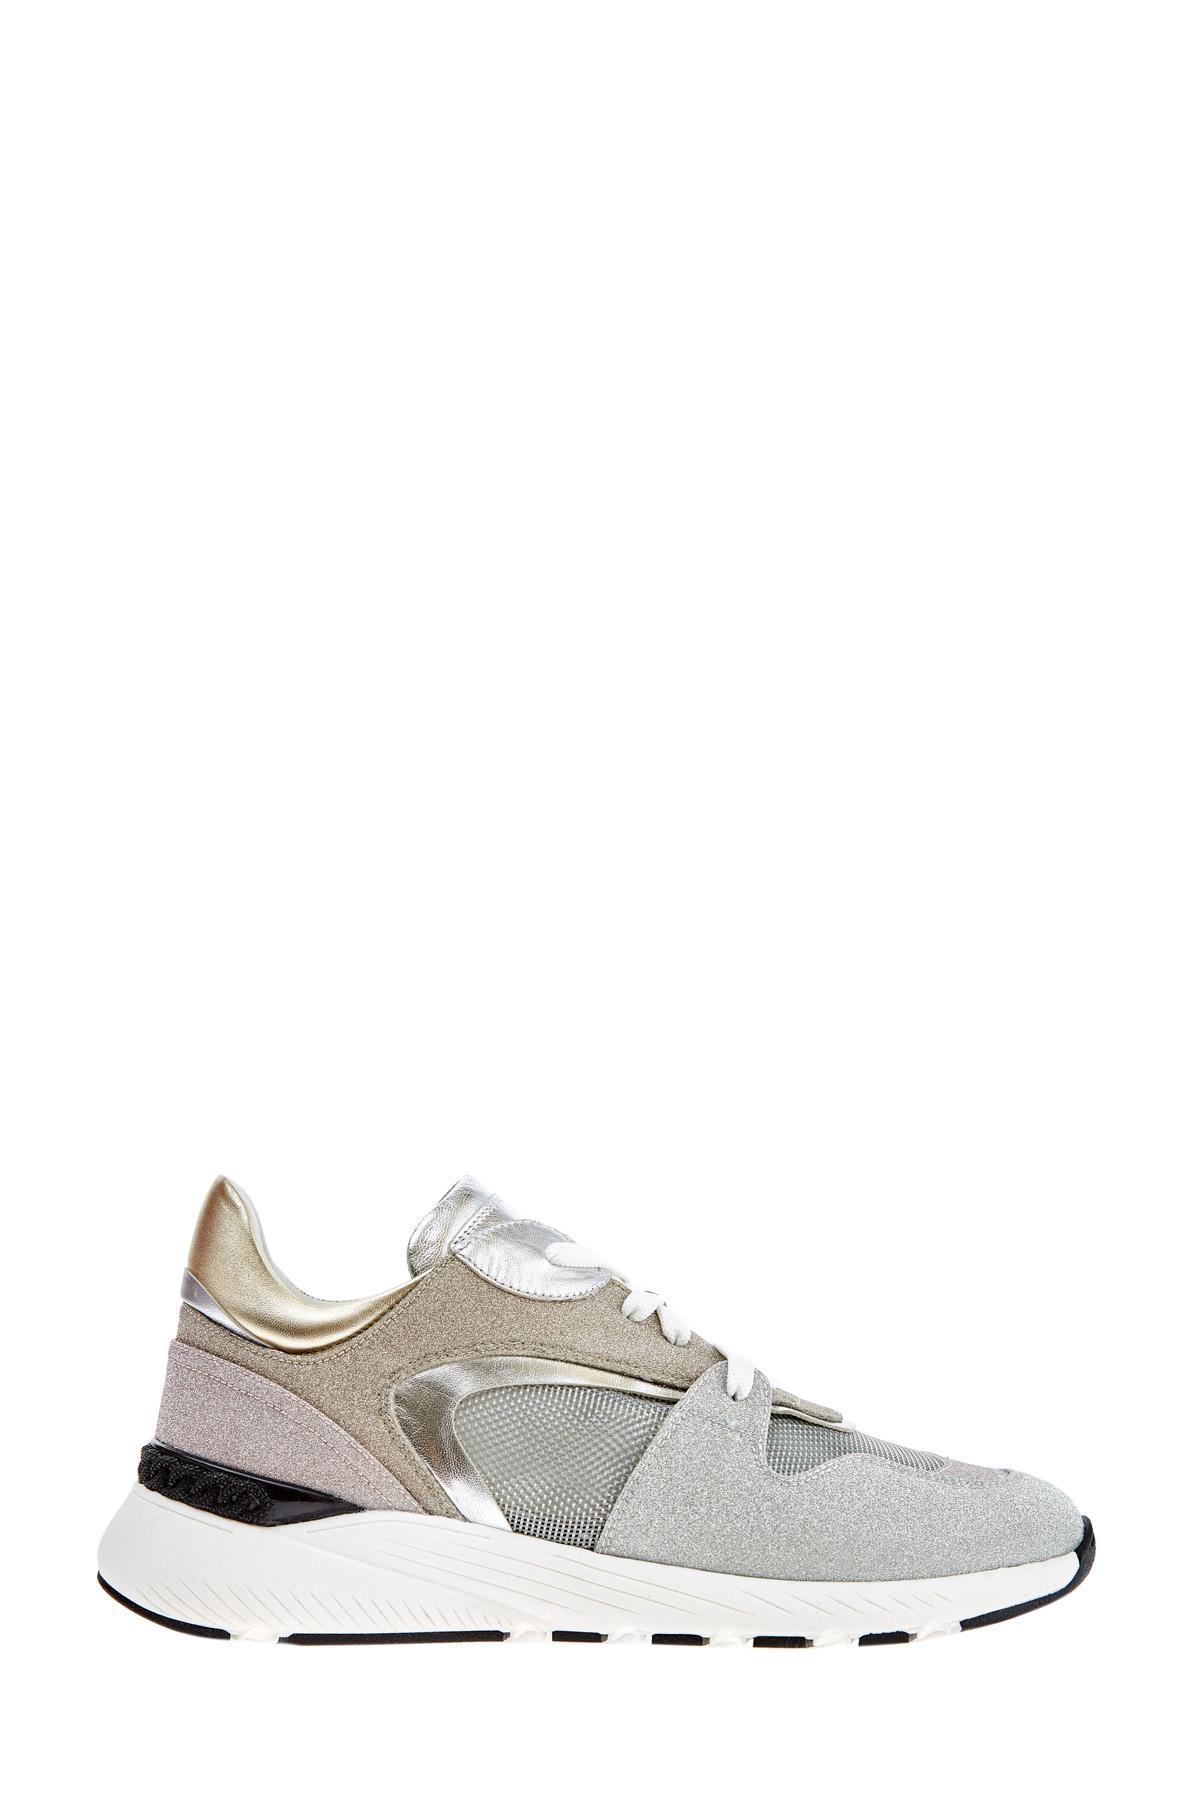 Массивные кроссовки из кожи с мерцающим металлизированным покрытием